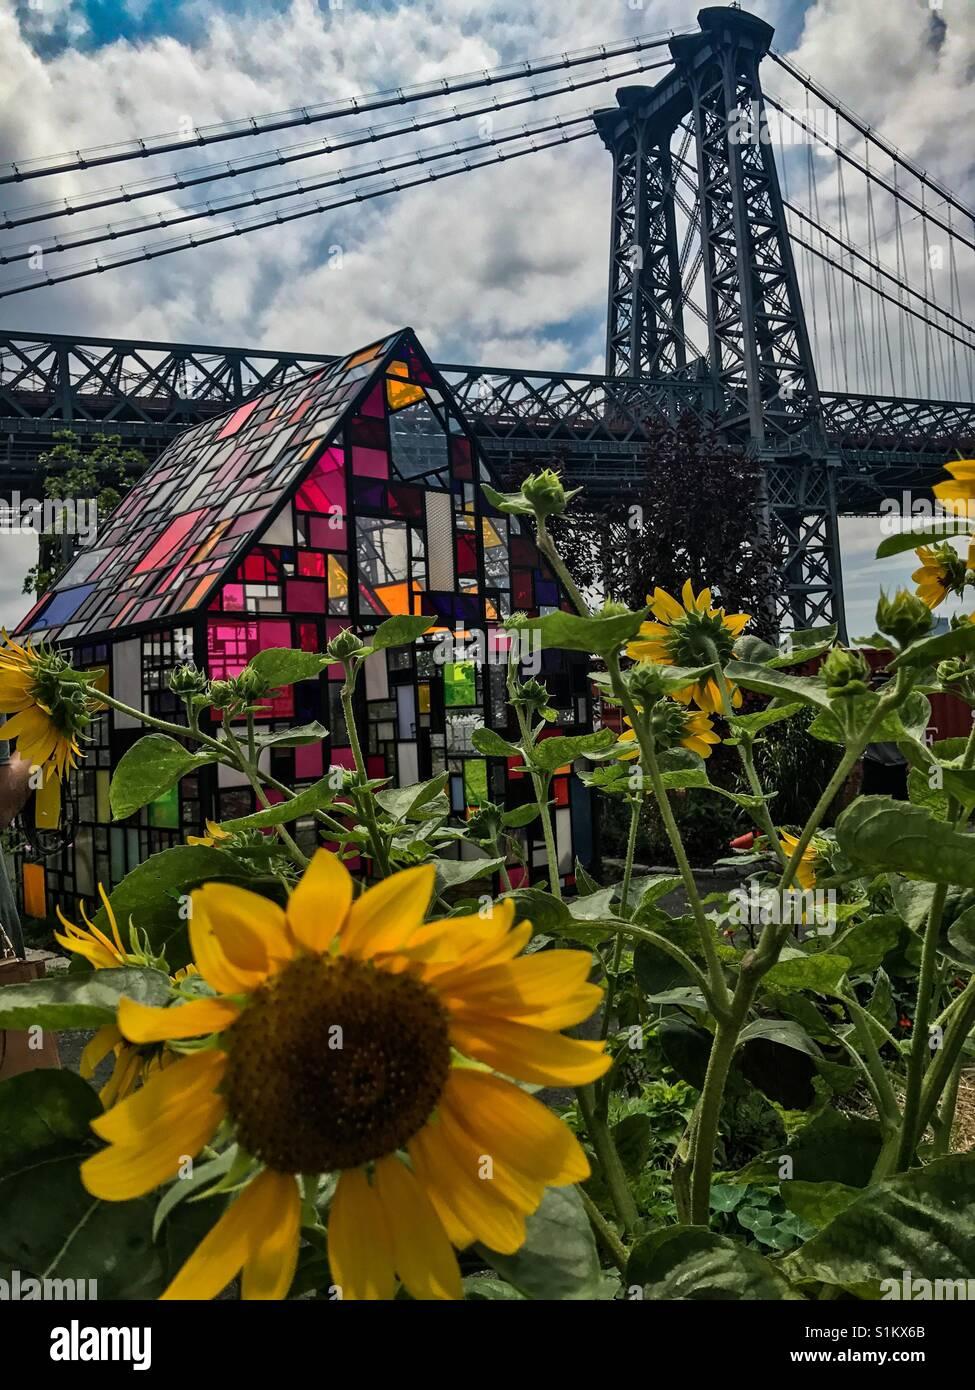 Ferme du Williamsburg, Brooklyn avec pièce d'art et de pont. Banque D'Images